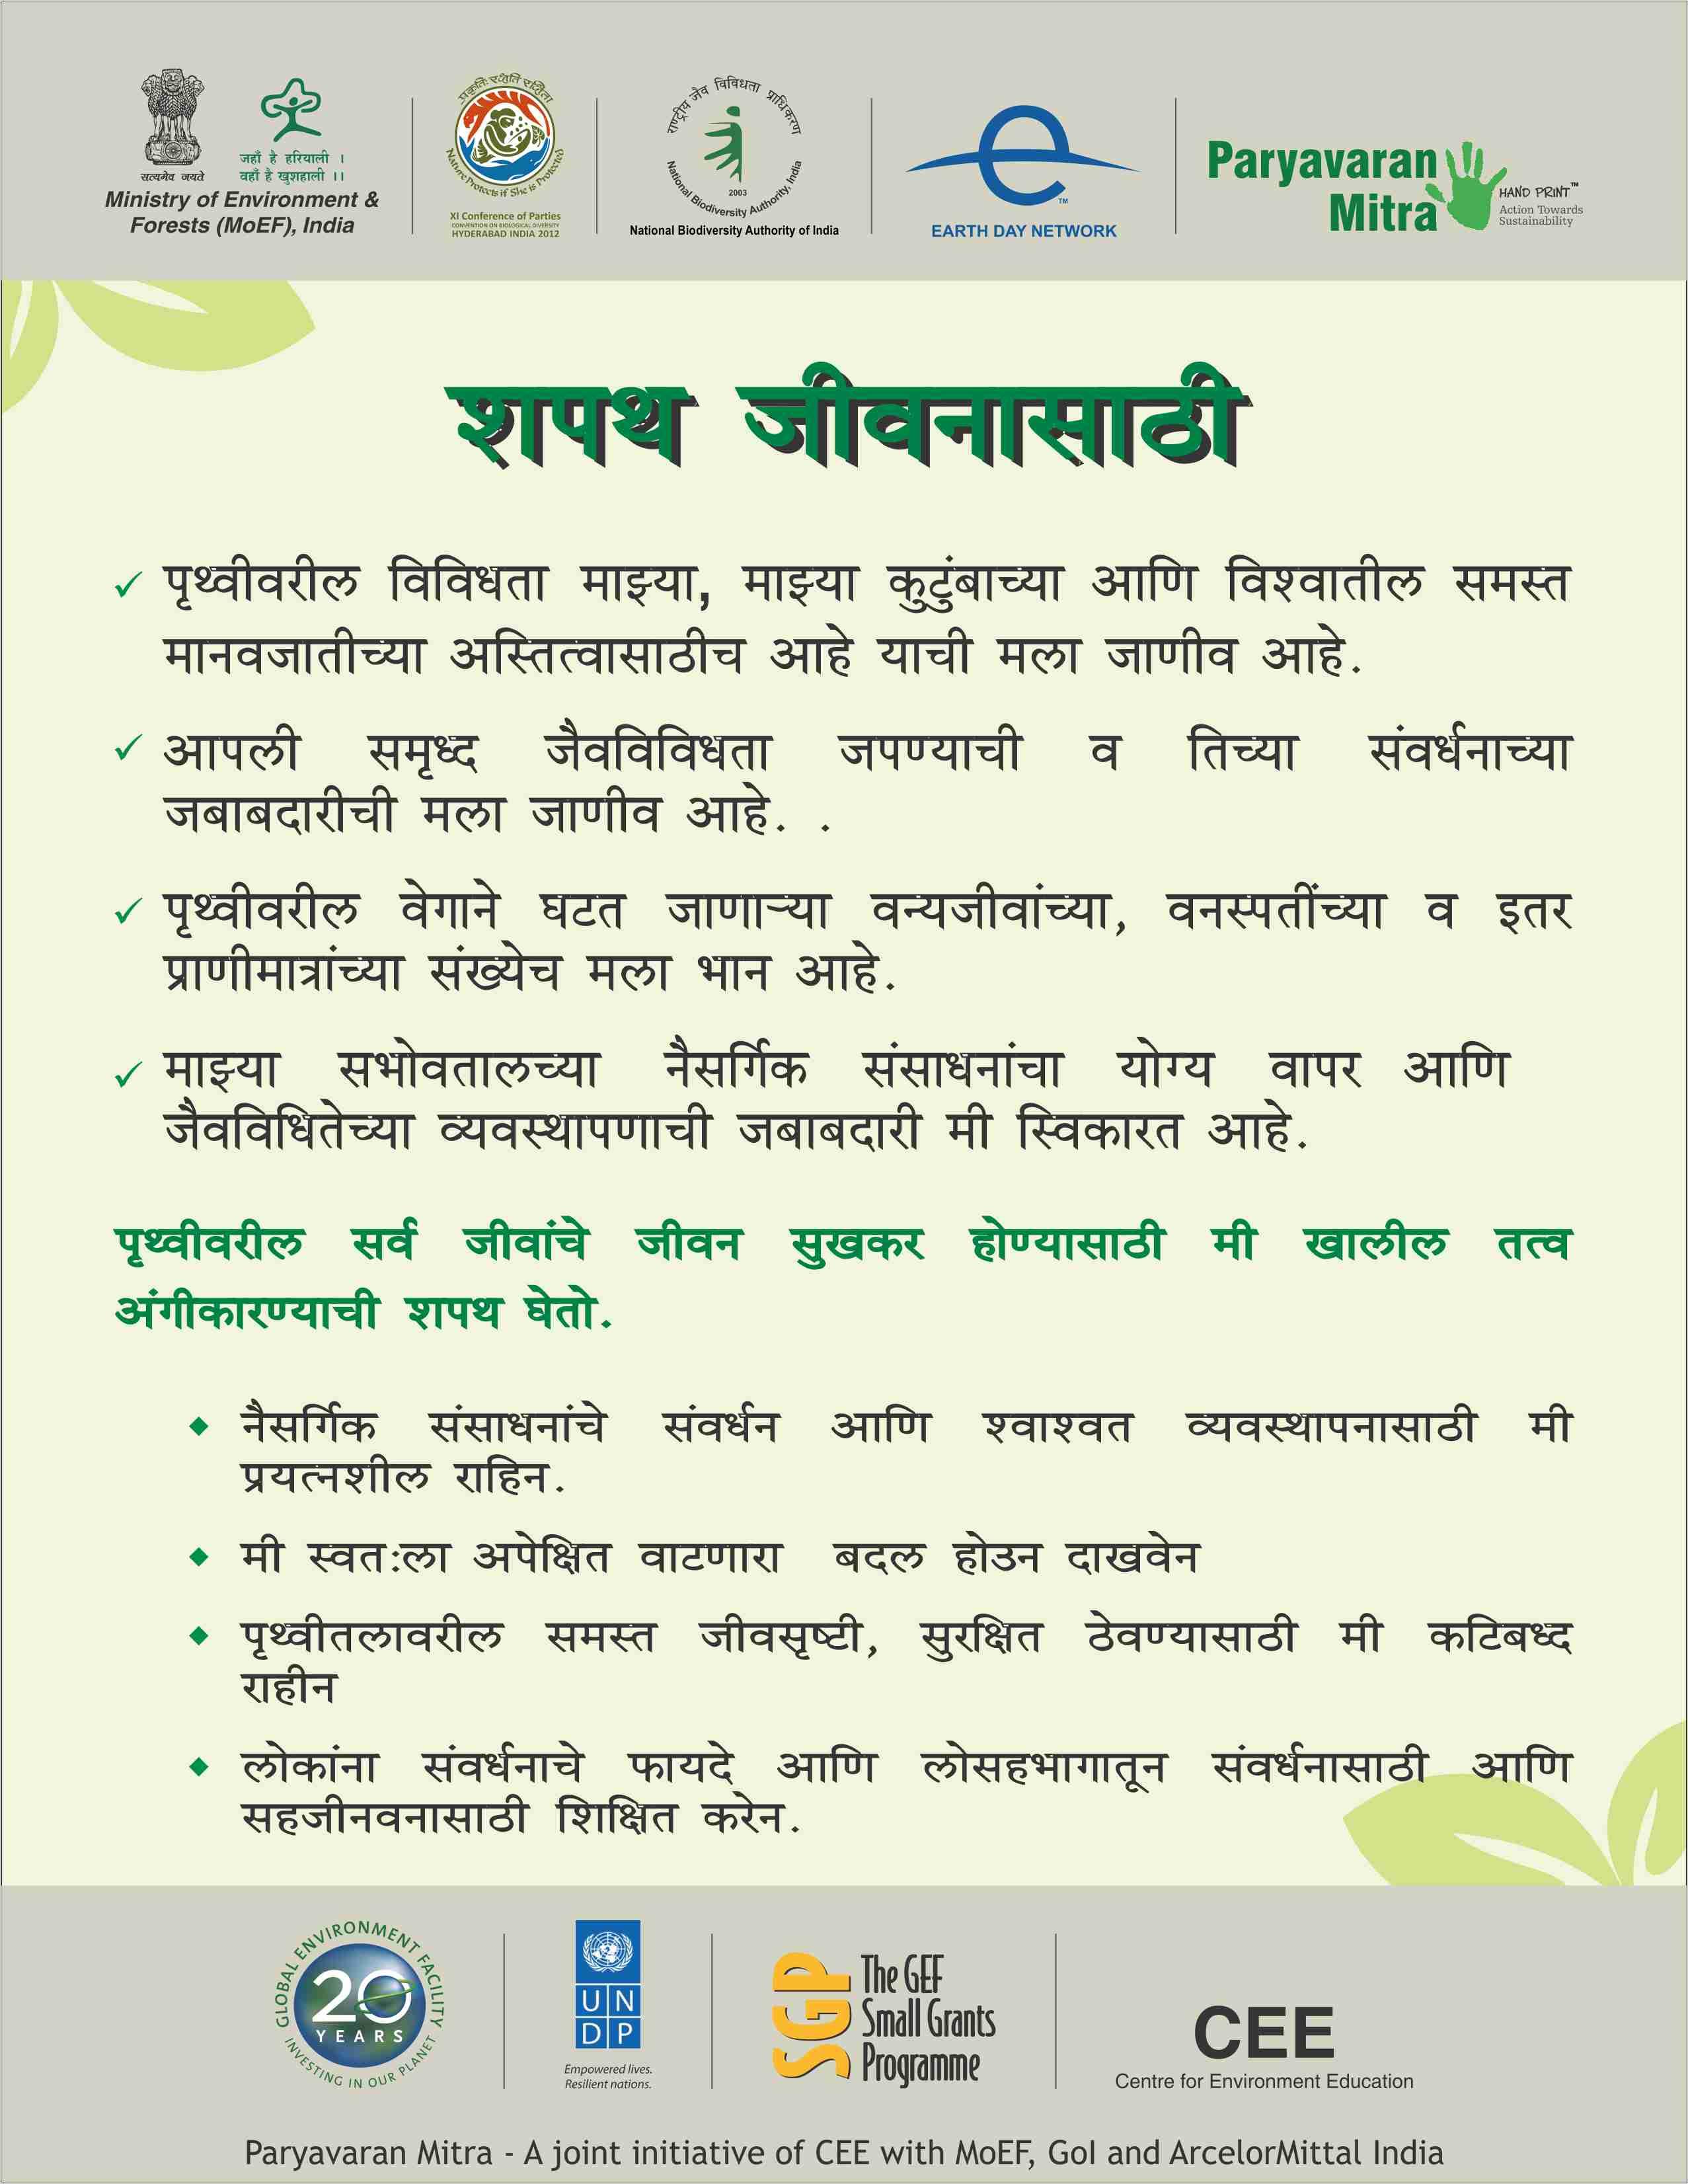 Biodiversity Campaign